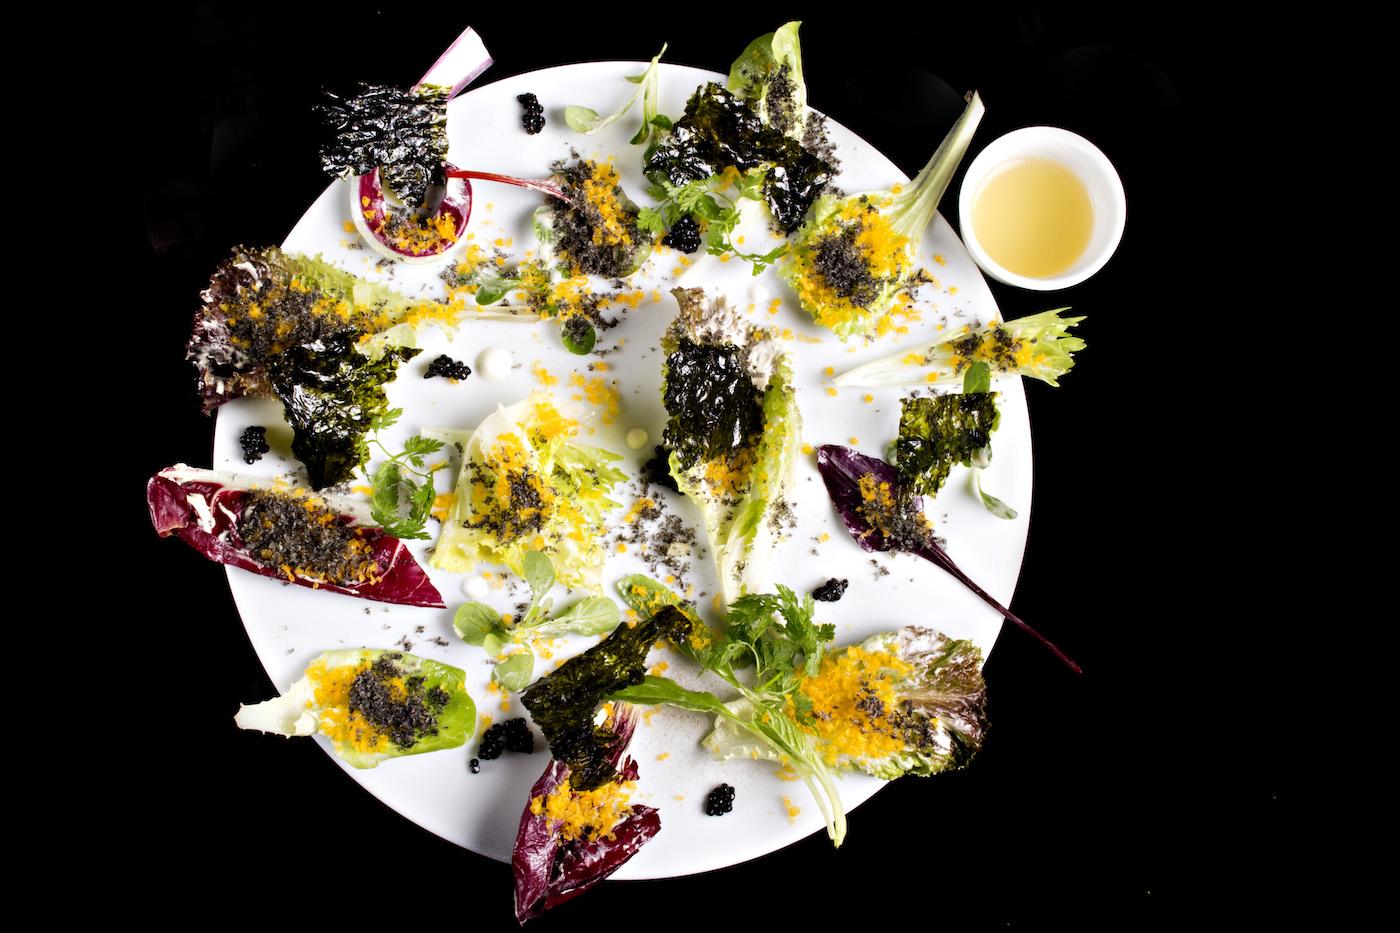 insalata-ristorante-piazza-duomo-alba